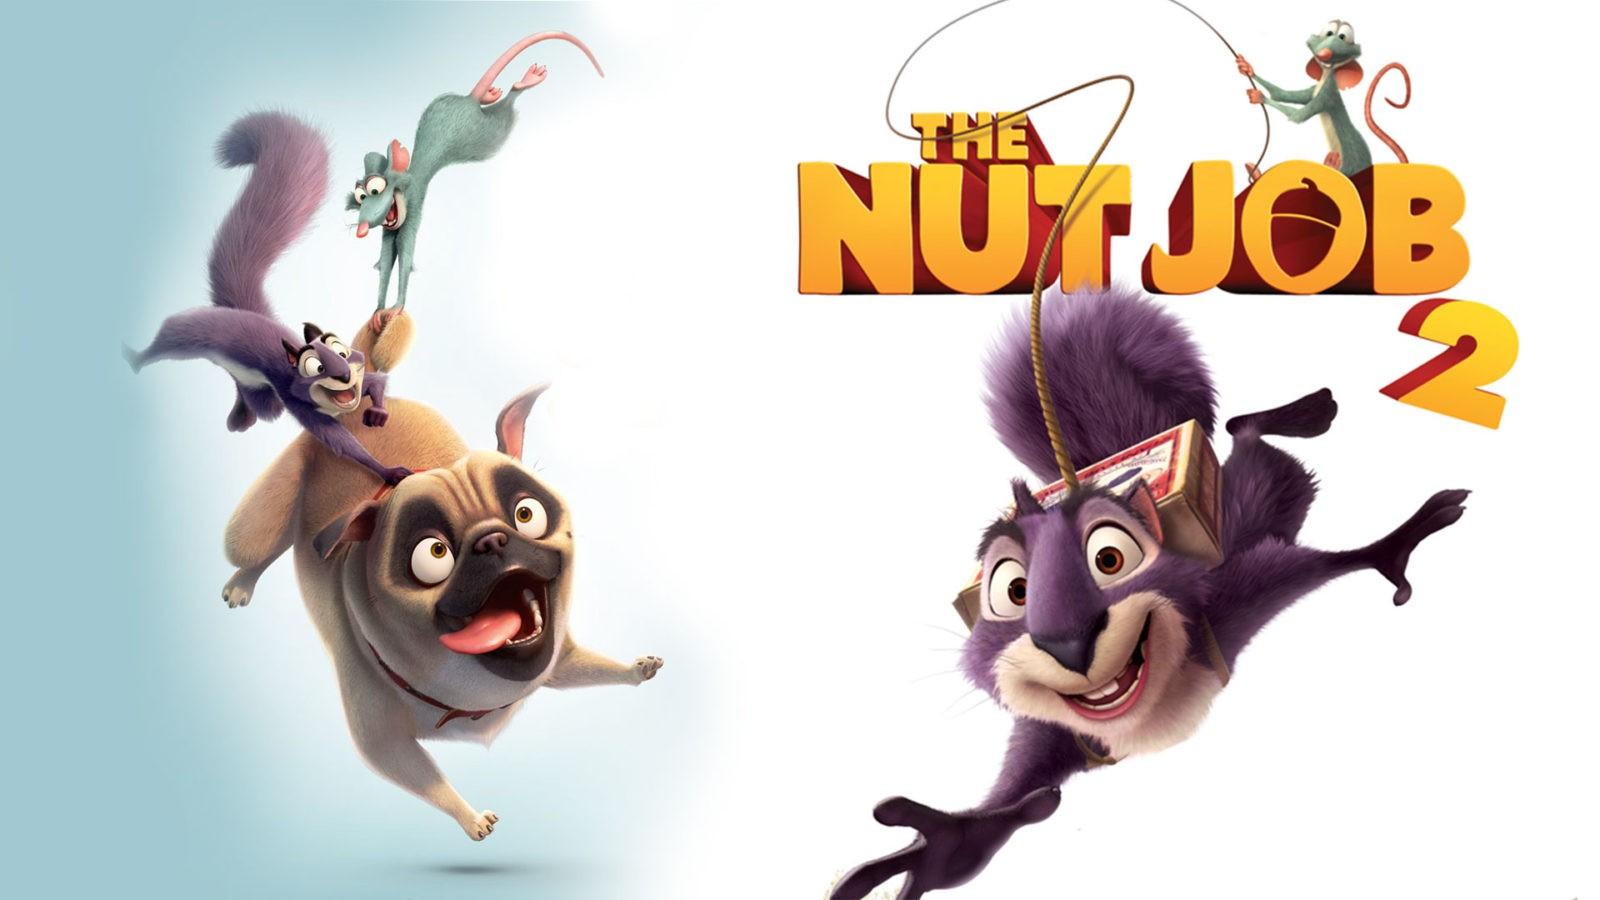 دانلود انیمیشن عملیات آجیلی 2 The Nut Job 2017 دوبله فارسی